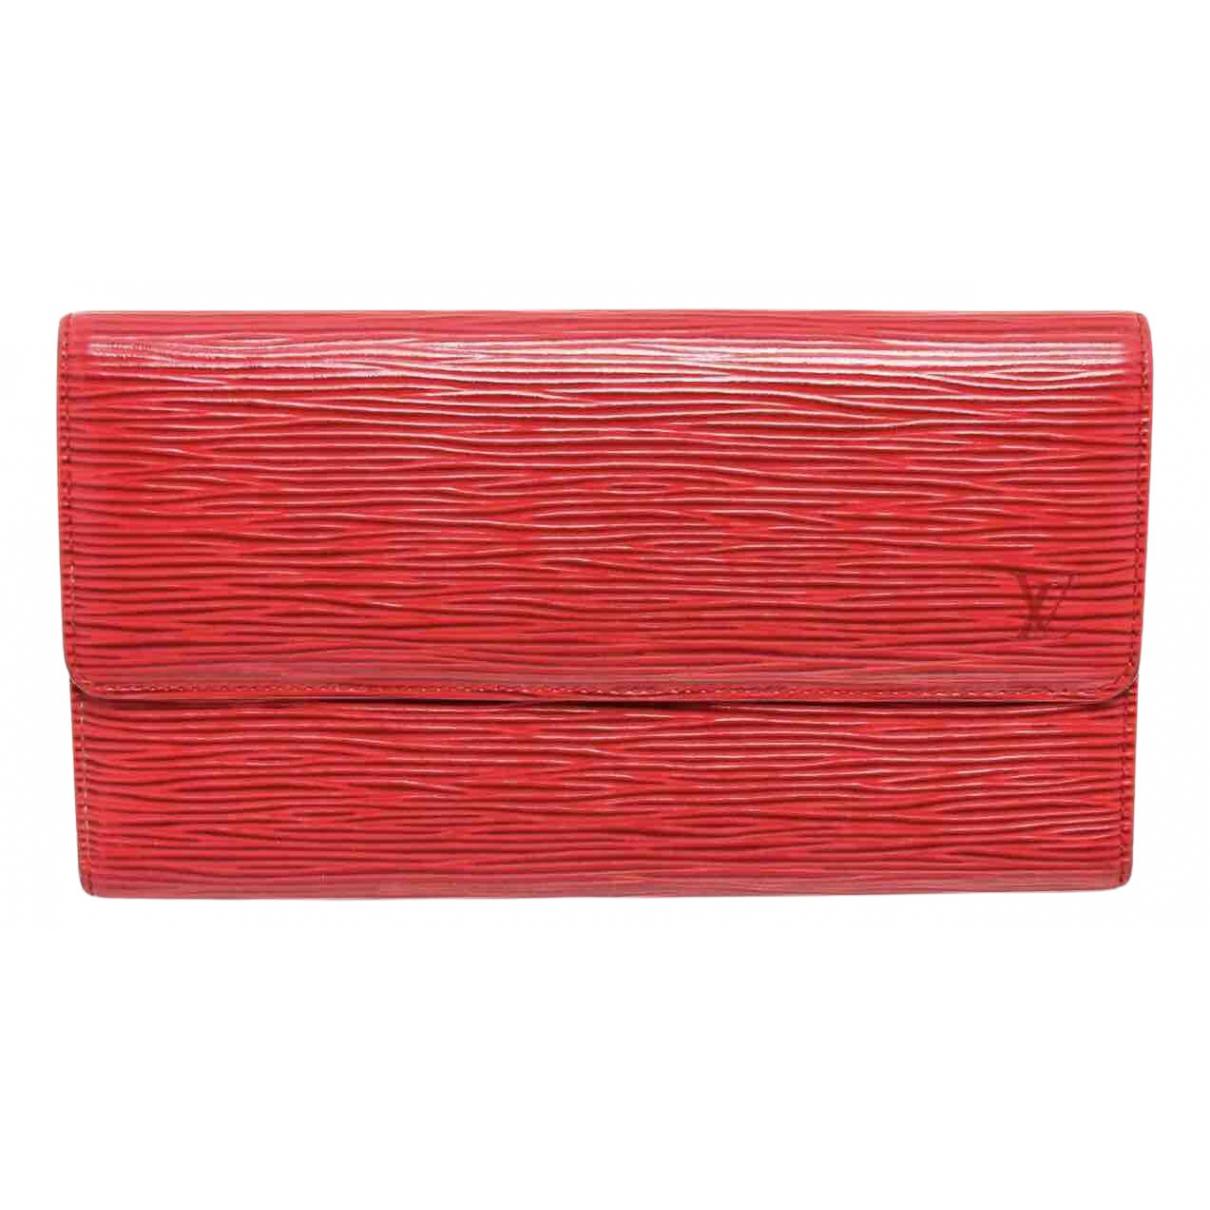 Louis Vuitton - Portefeuille Sarah pour femme en cuir - rouge